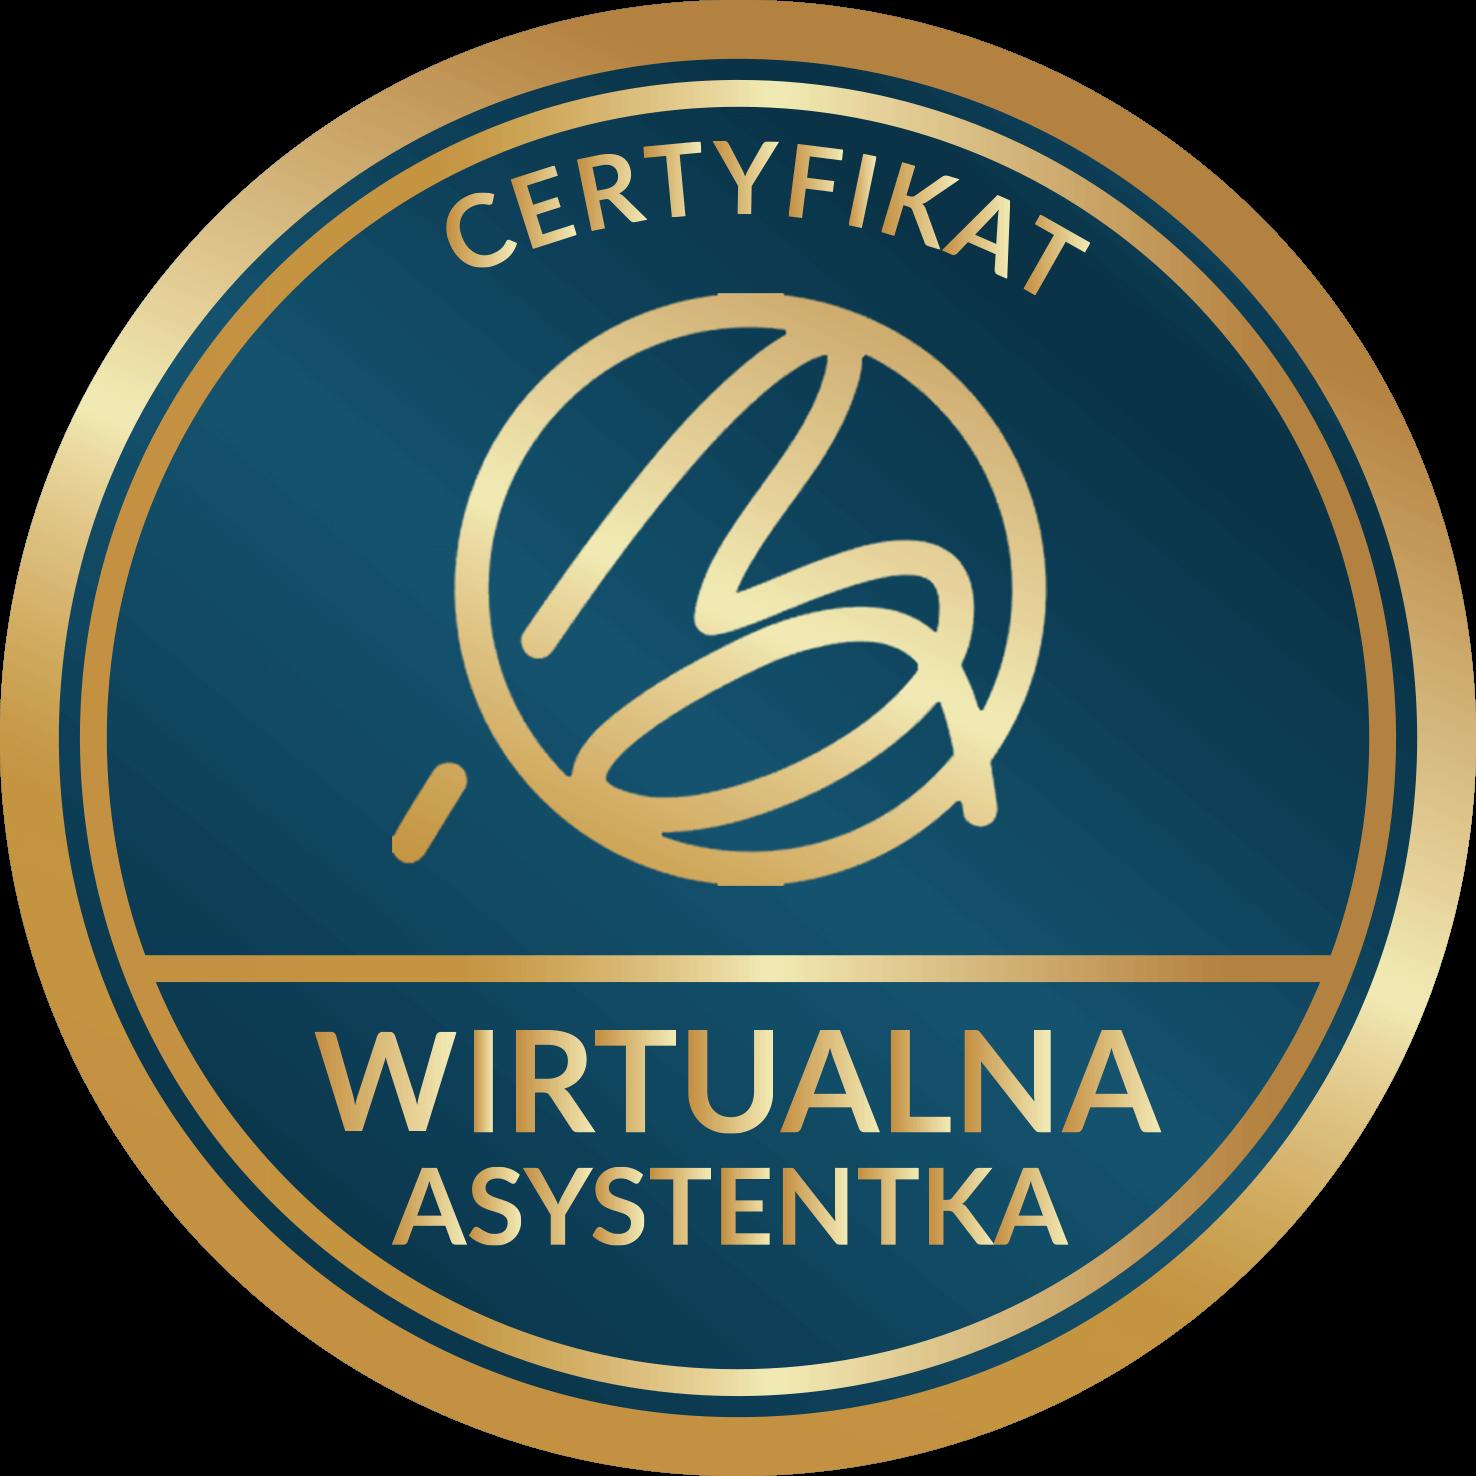 Certyfikowana Wirtualna Asystentka